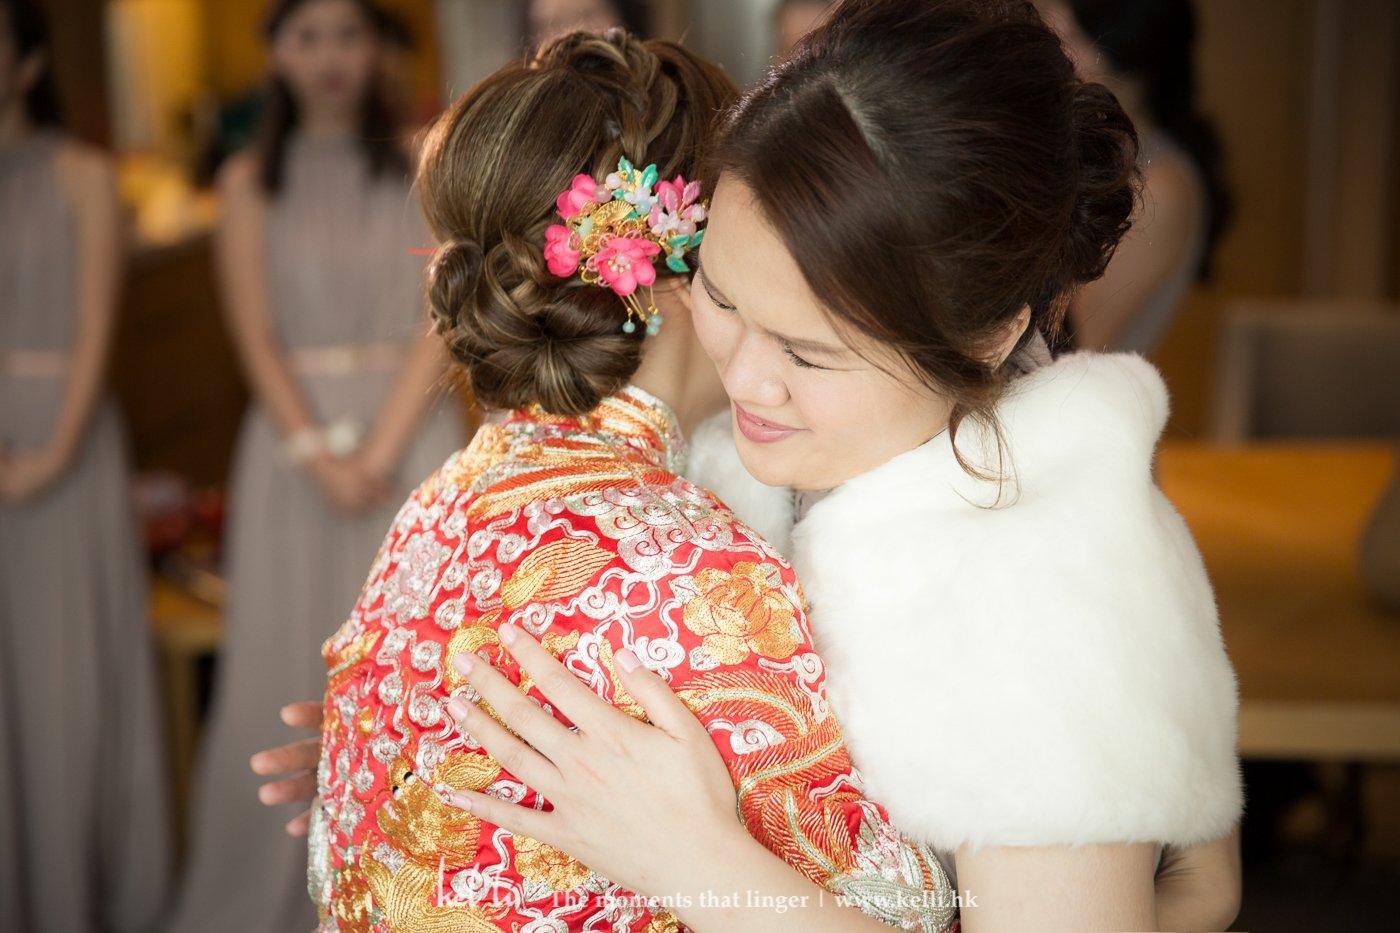 不單是新娘,連同她的姊妹,每個的感情都很要好,見到好不單是新娘,連同她的姊妹,每個的感情都很要好,見到姊妹出嫁,睙流滿面